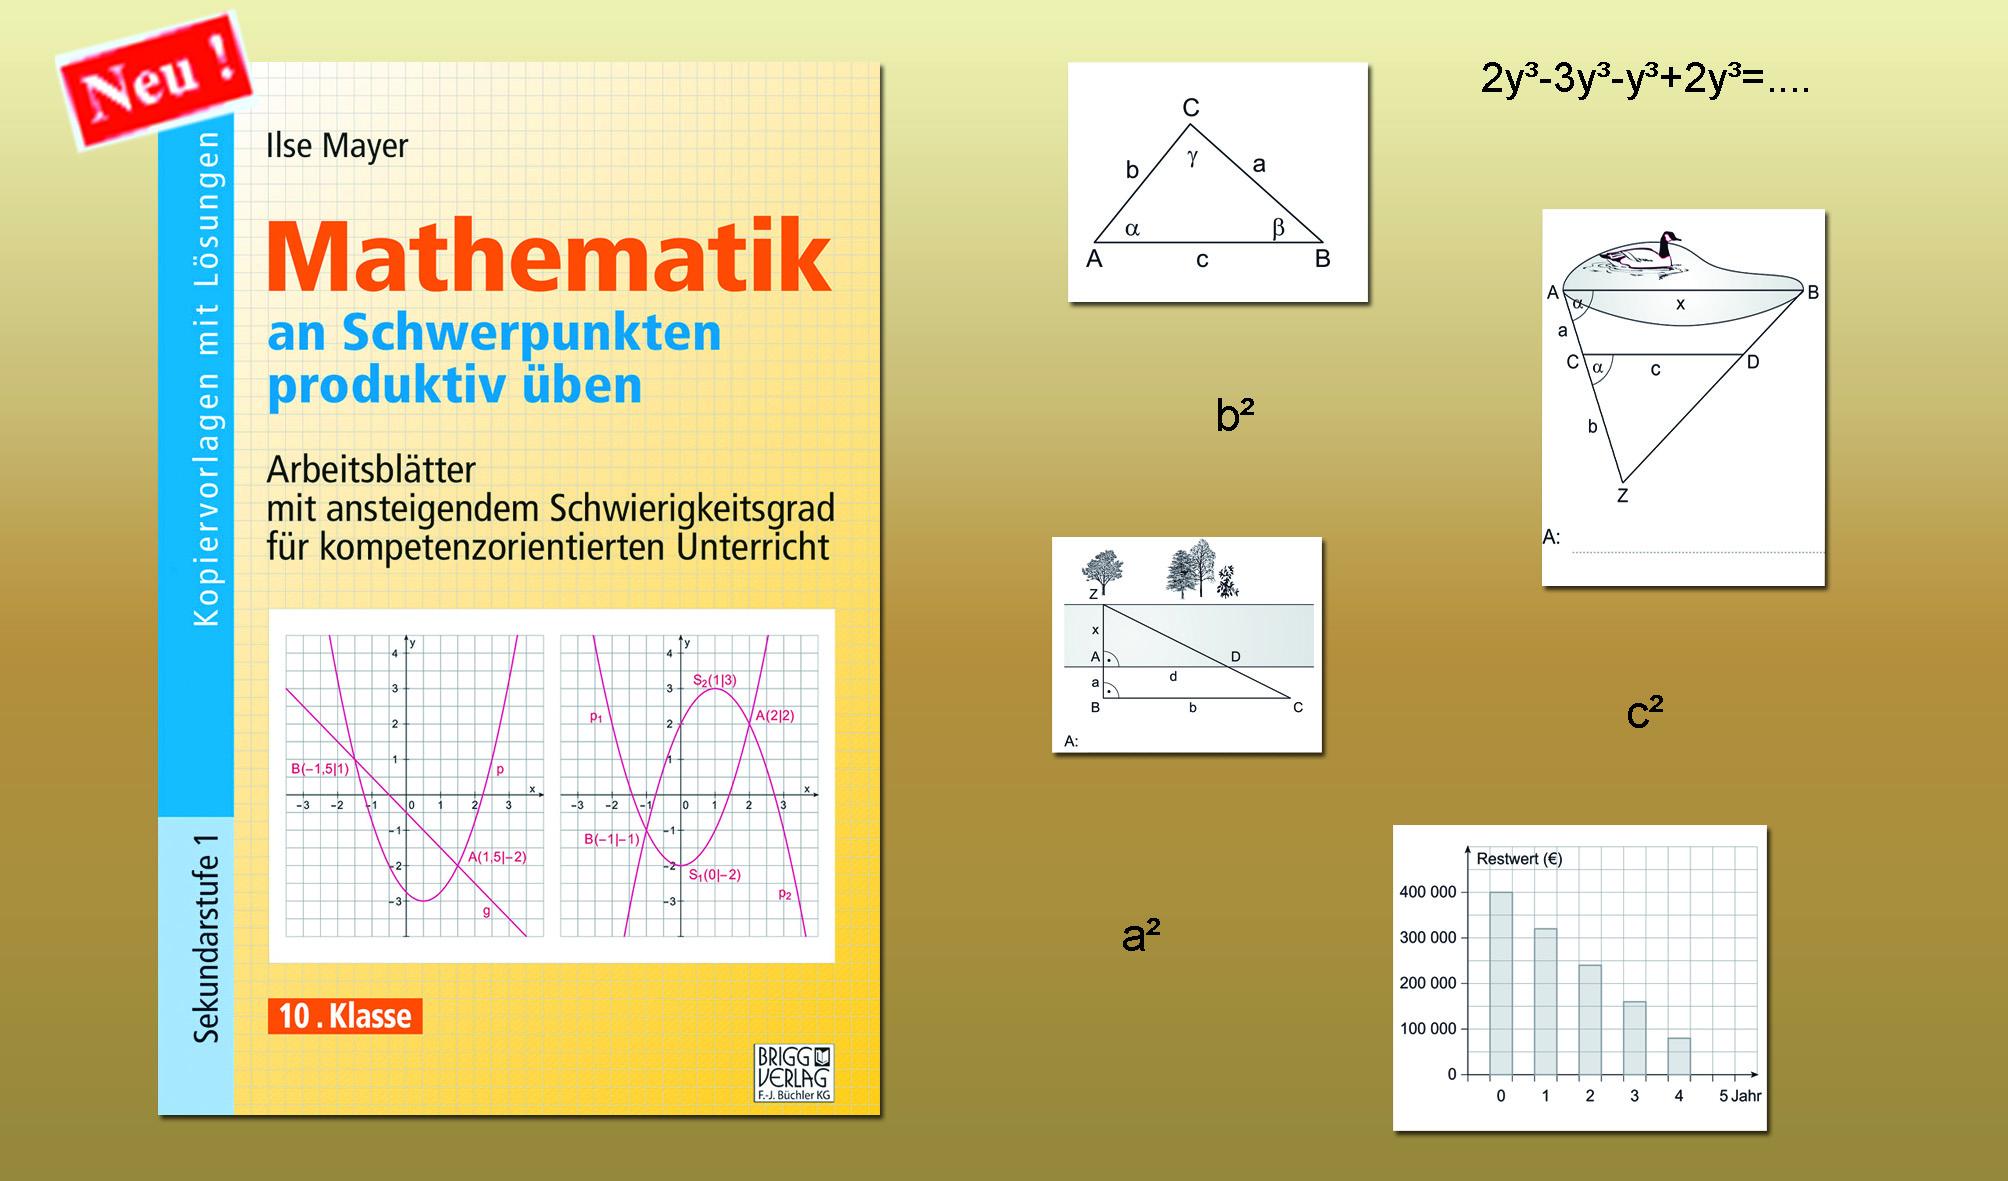 Mit neuen Lern- und Lösungswegen Mathematik verstehen! - Brigg ...